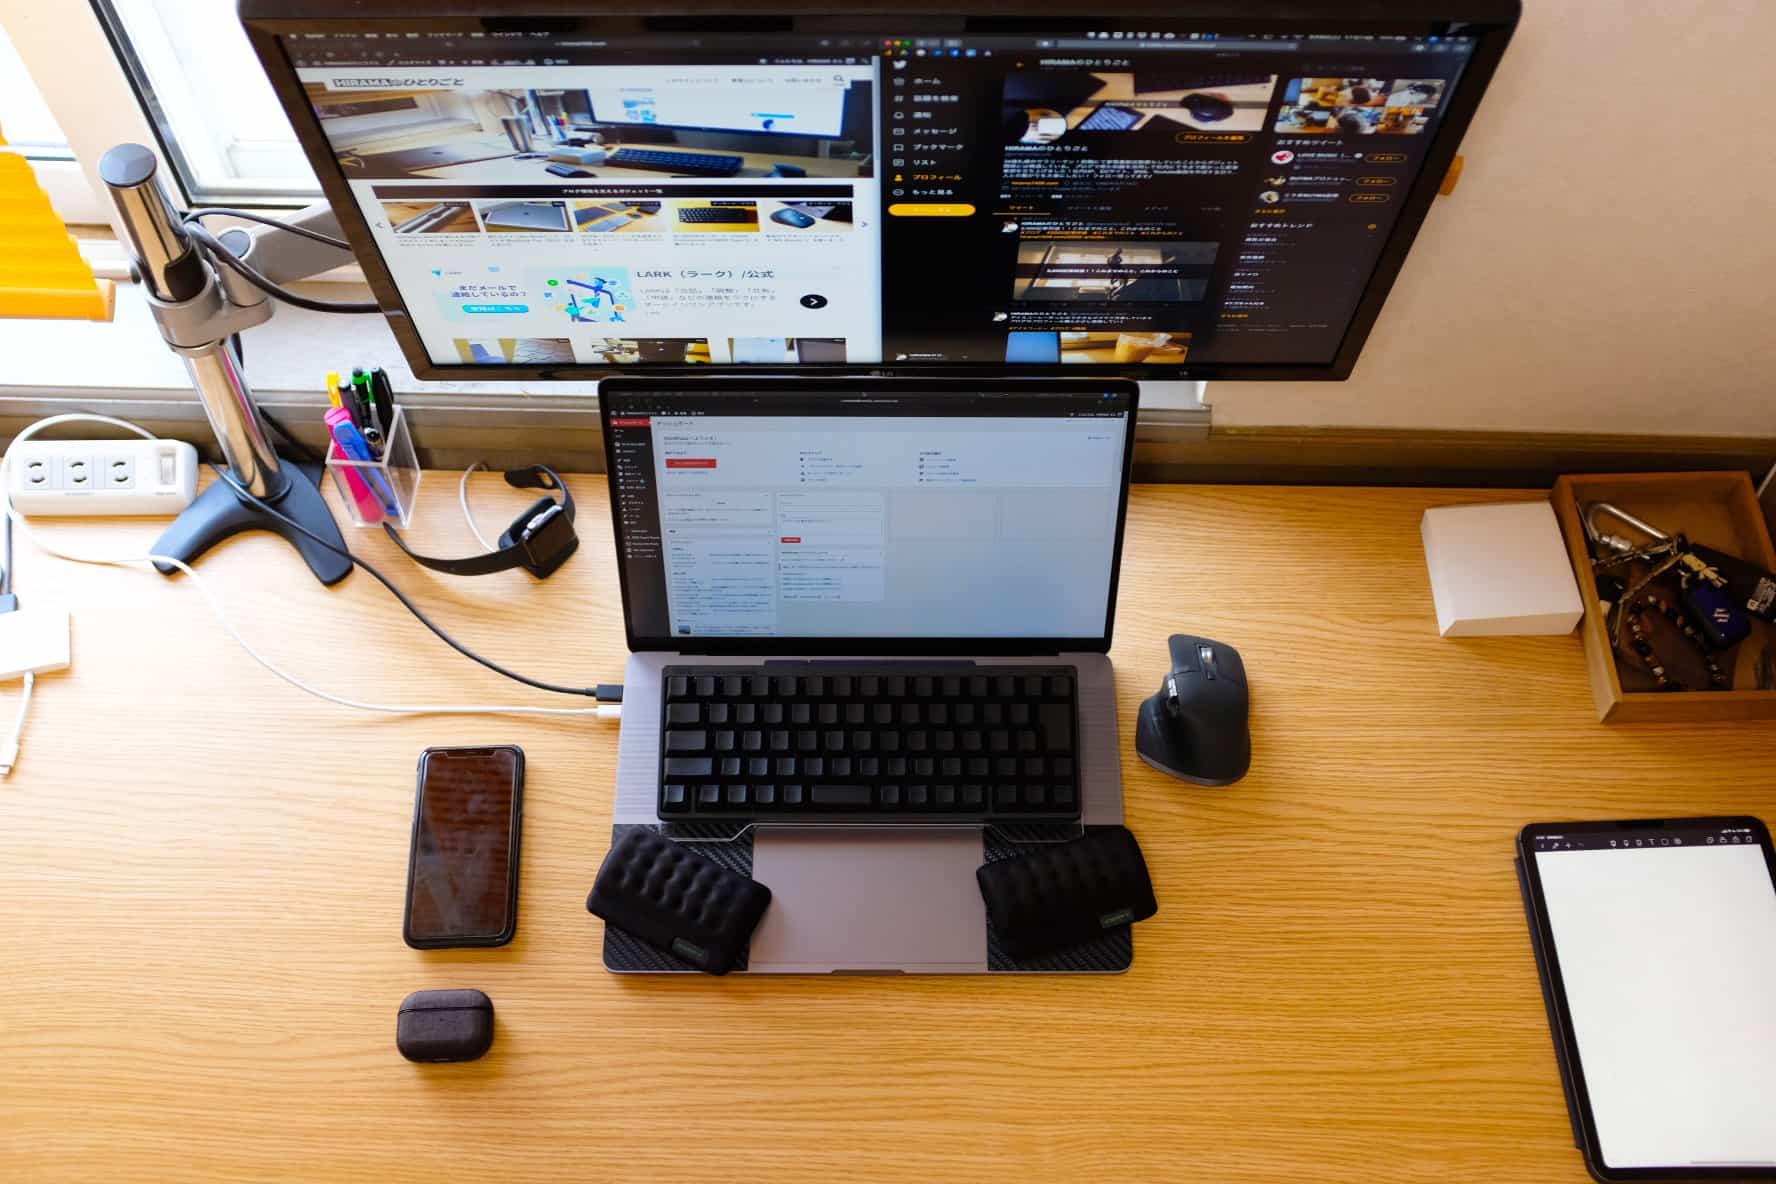 MacBook Proでデュアルディスプレイをやると「バッテリーは充電できません」と表示される